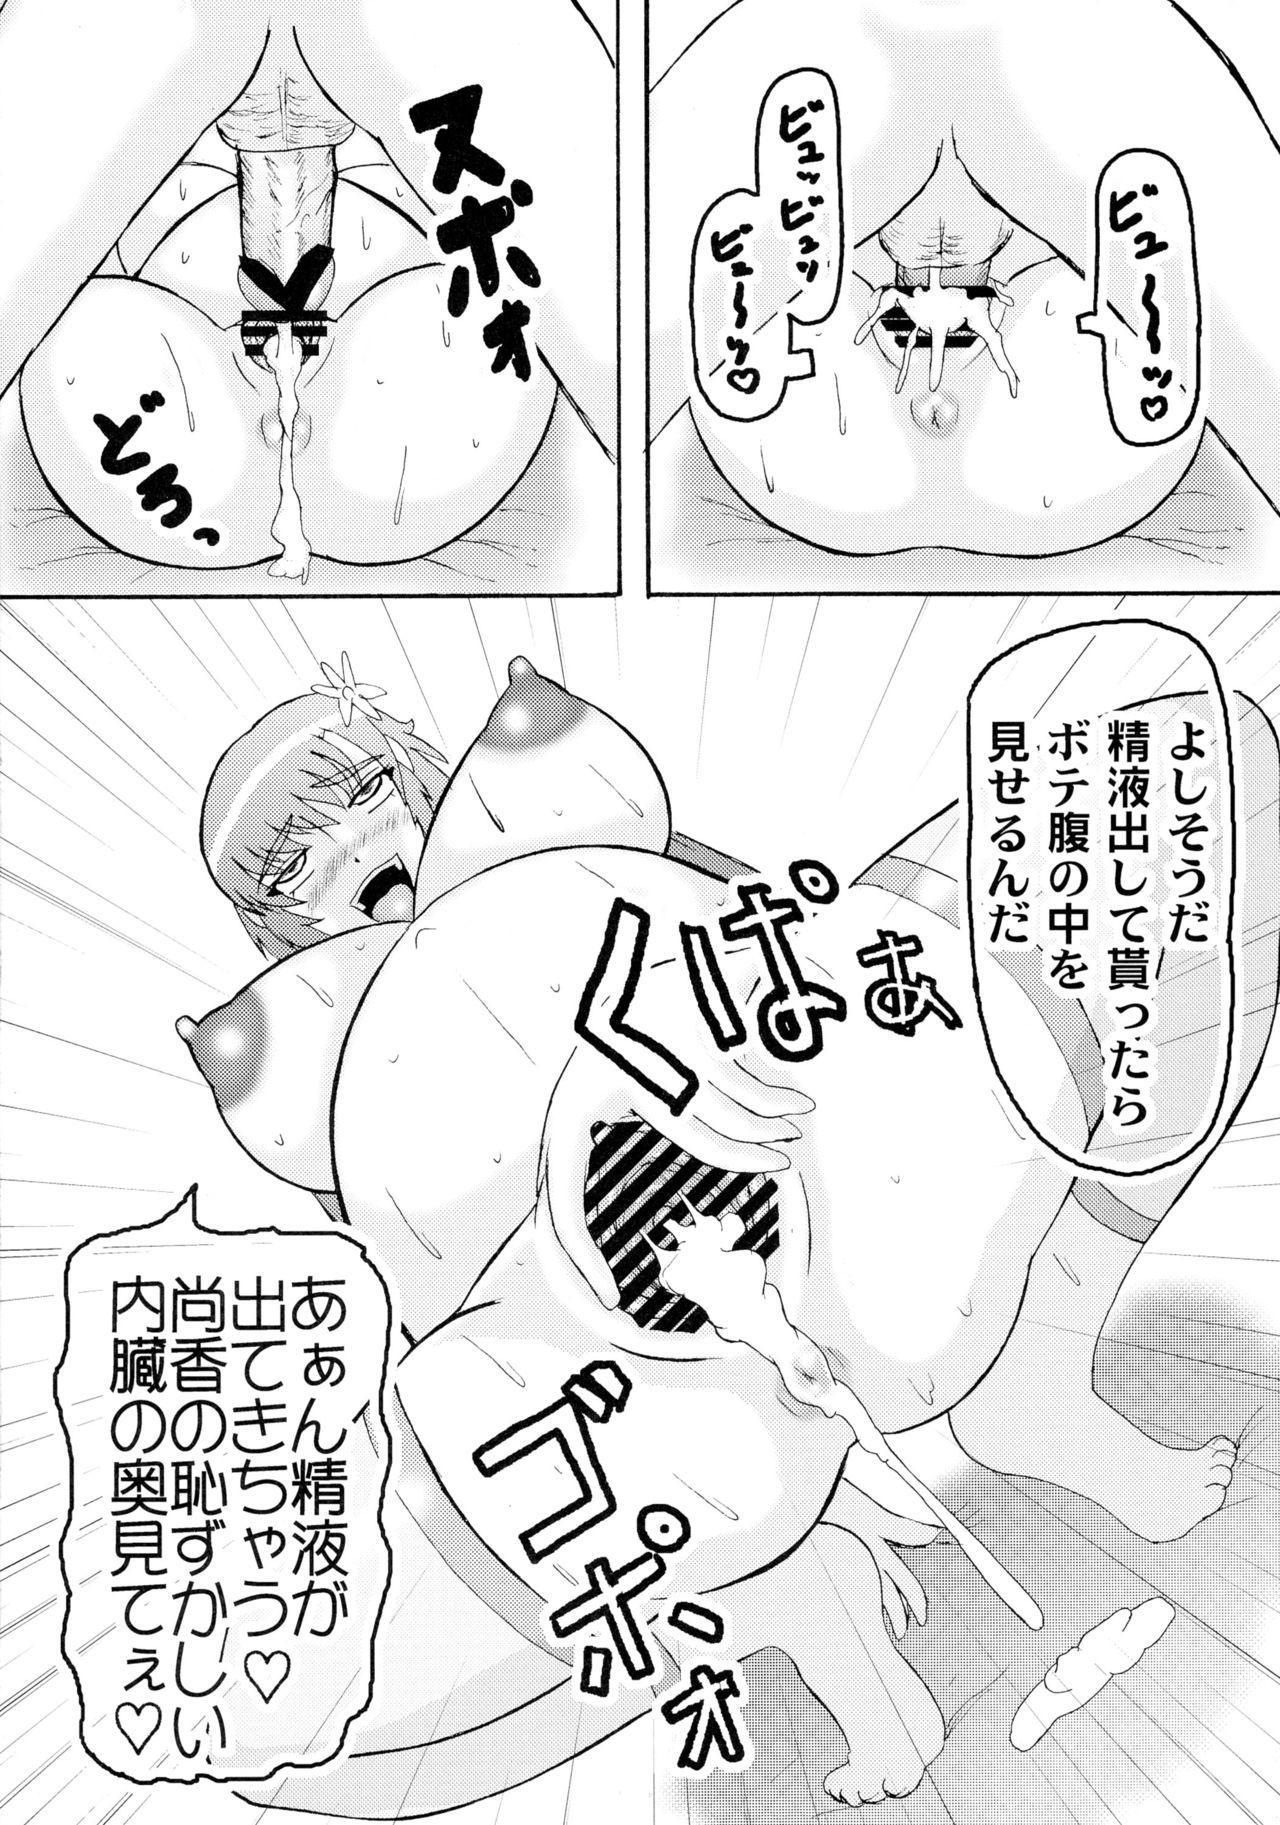 Senrai 27